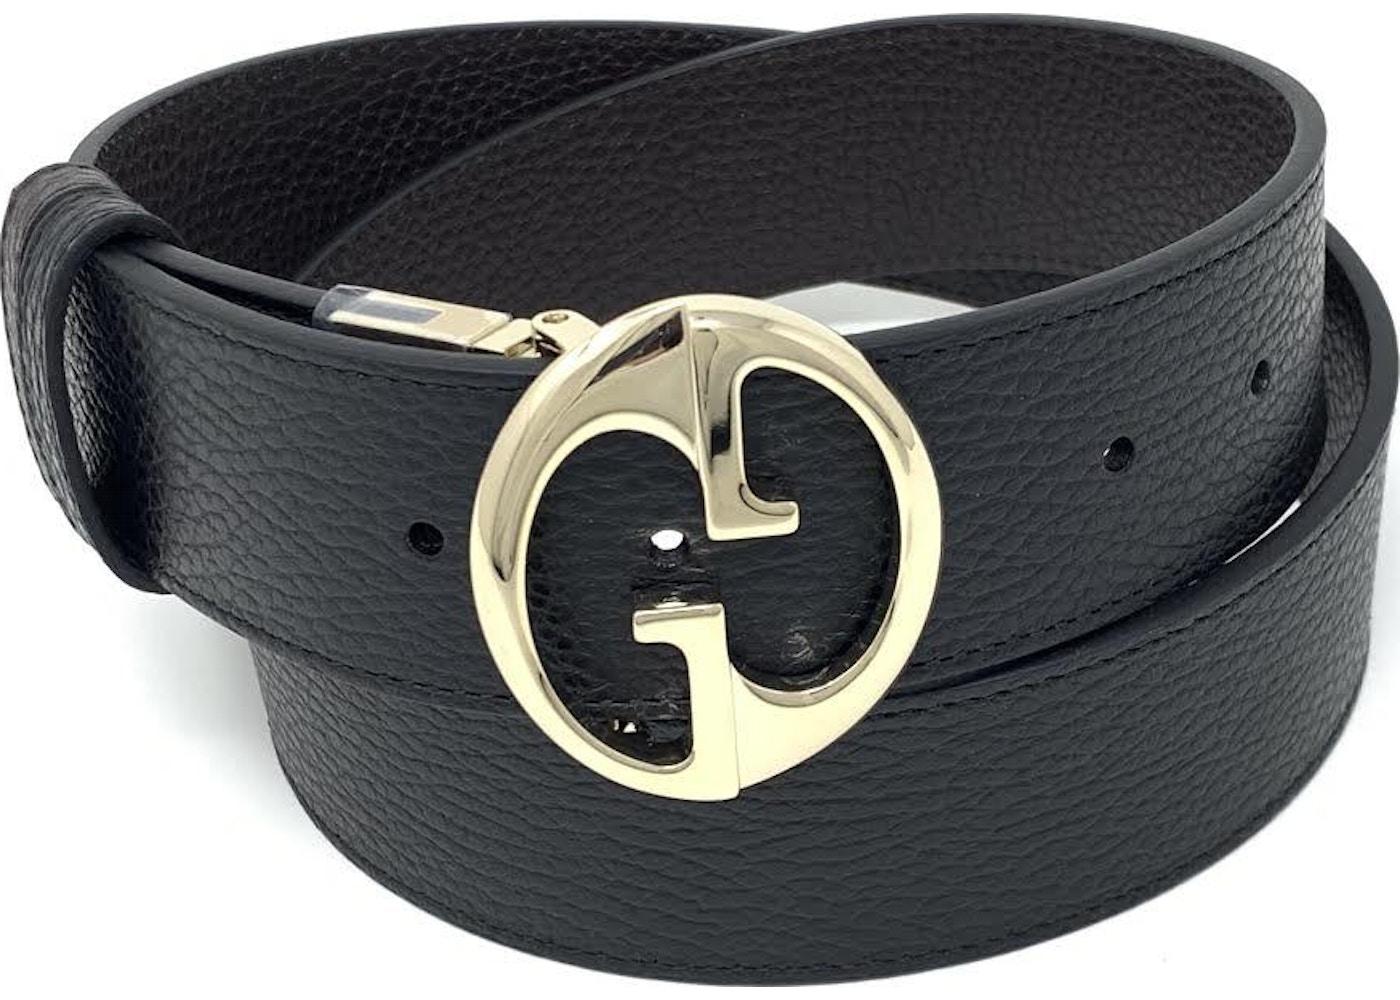 1e48a686e10 Gucci Interlocking G Reversible Belt 1.5W Black Brown. 1.5W Black Brown